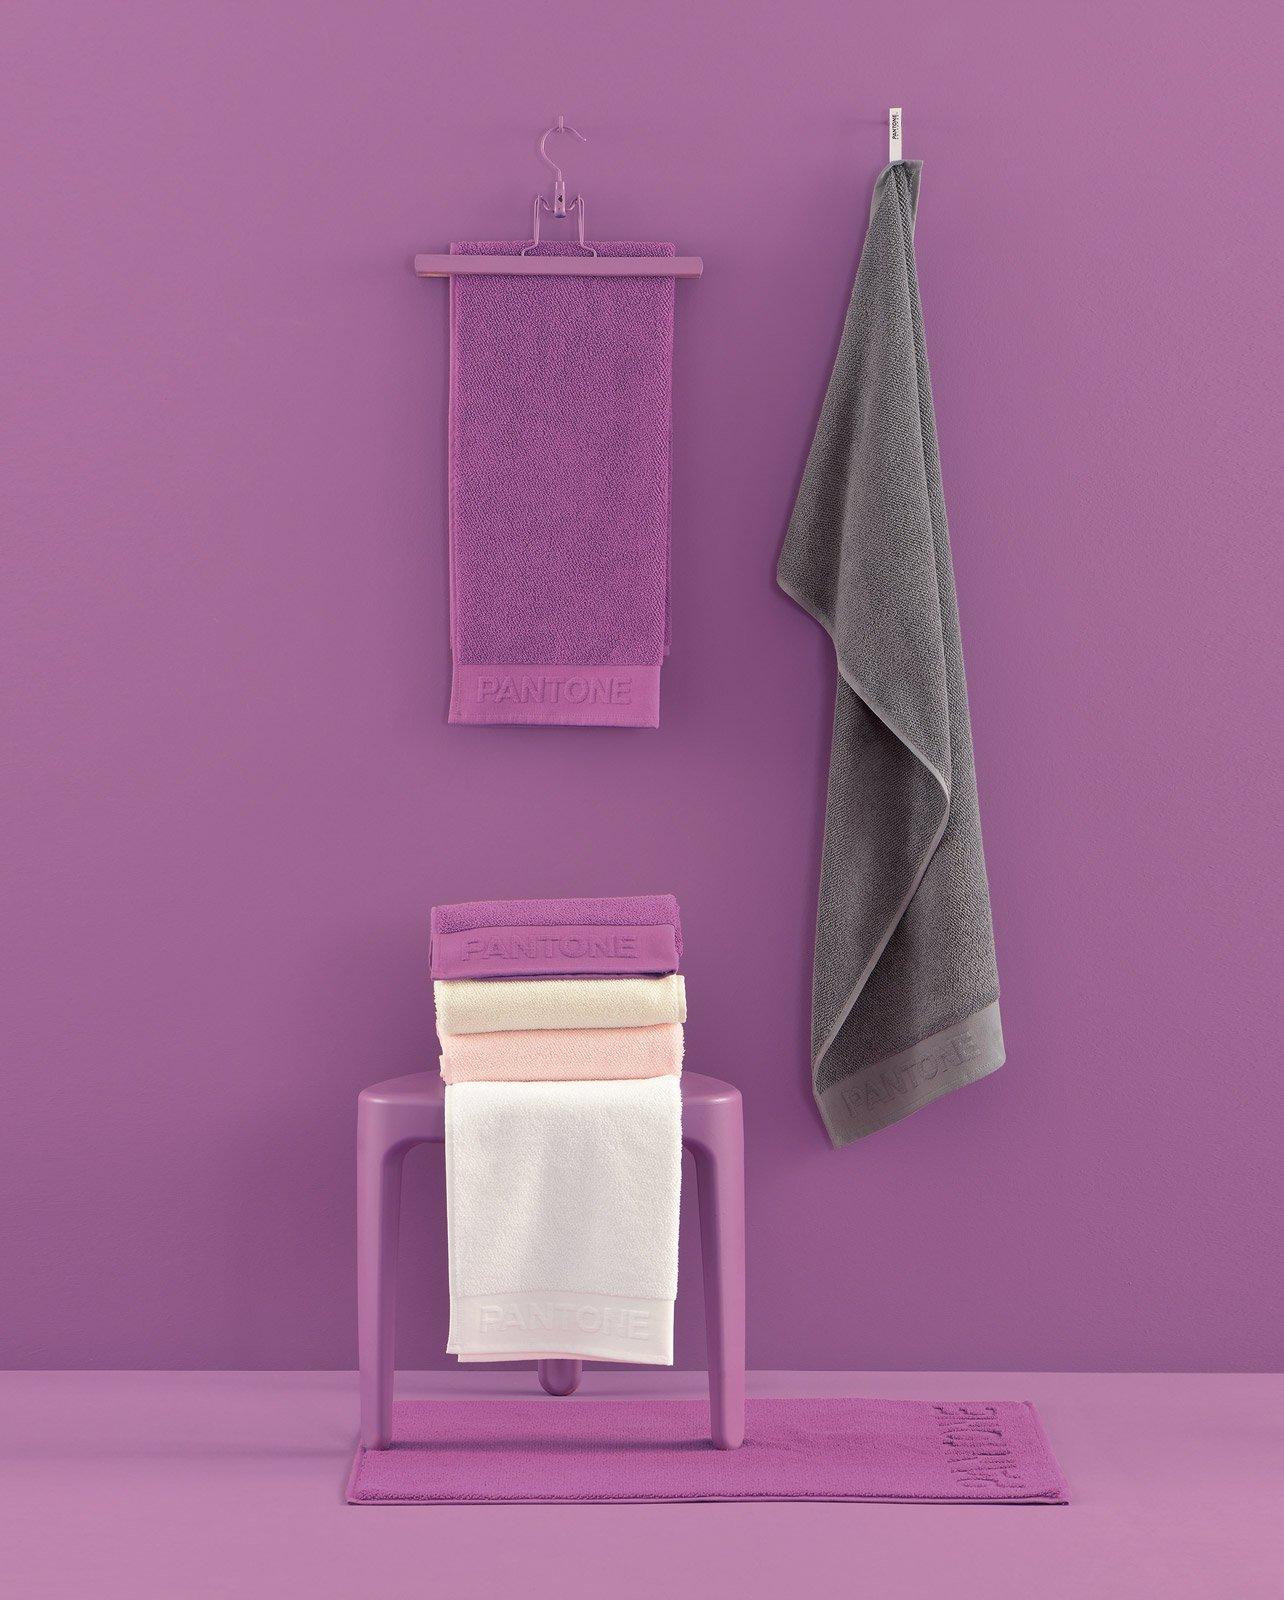 Set Asciugamani Bagno Bassetti.Asciugamani Per Il Bagno Come Scegliere Materiali E Colori Cose